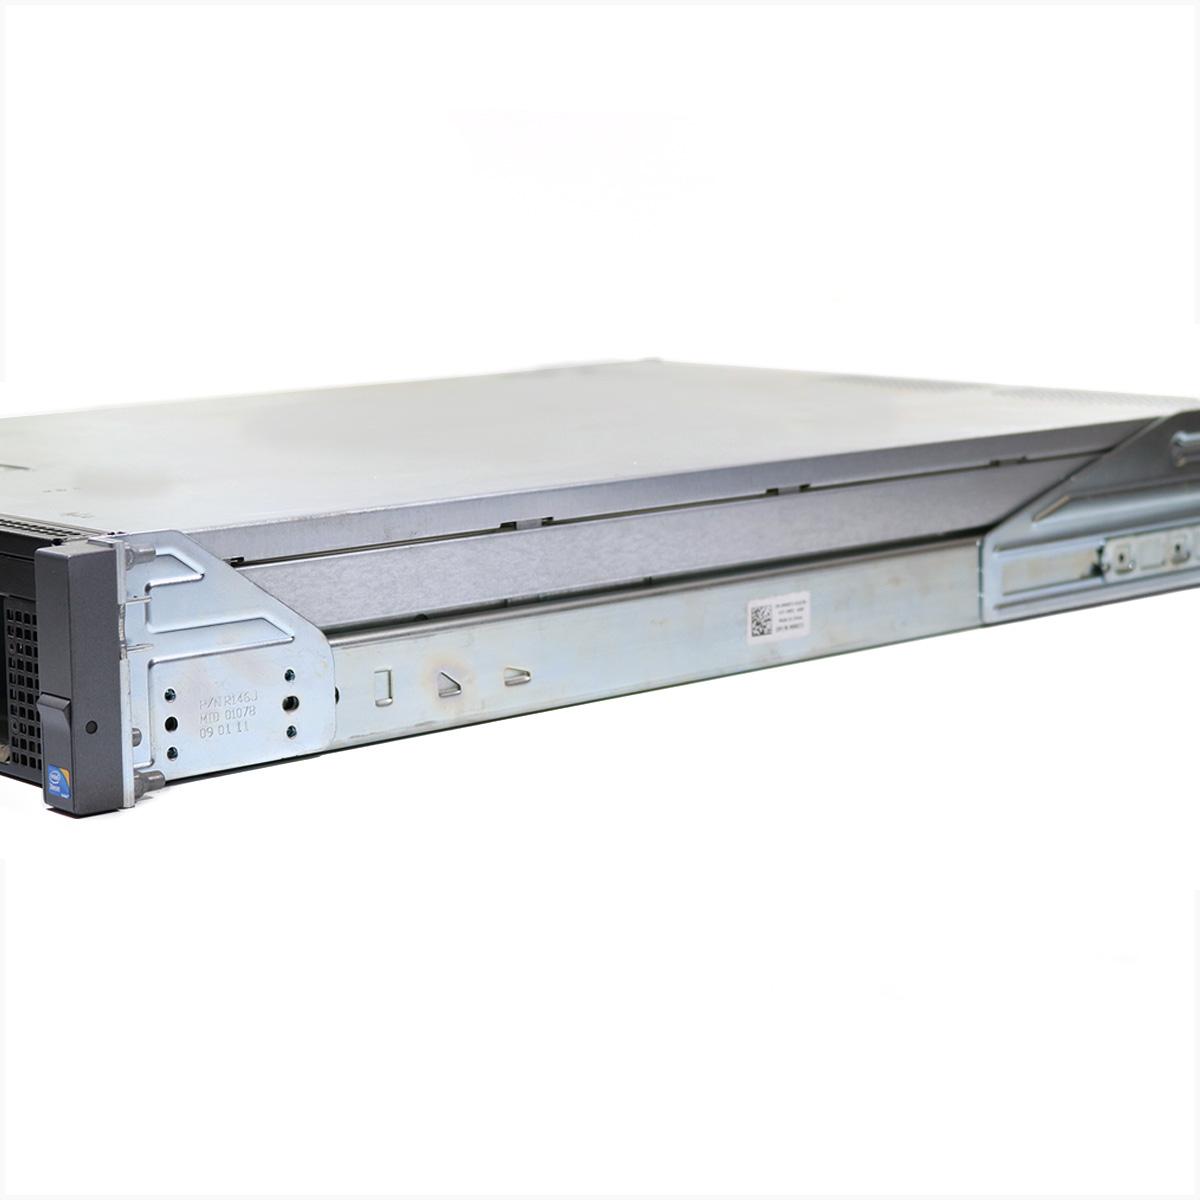 Servidor dell r710 2x xeon x5690 64gb 2x 1tb sas - usado